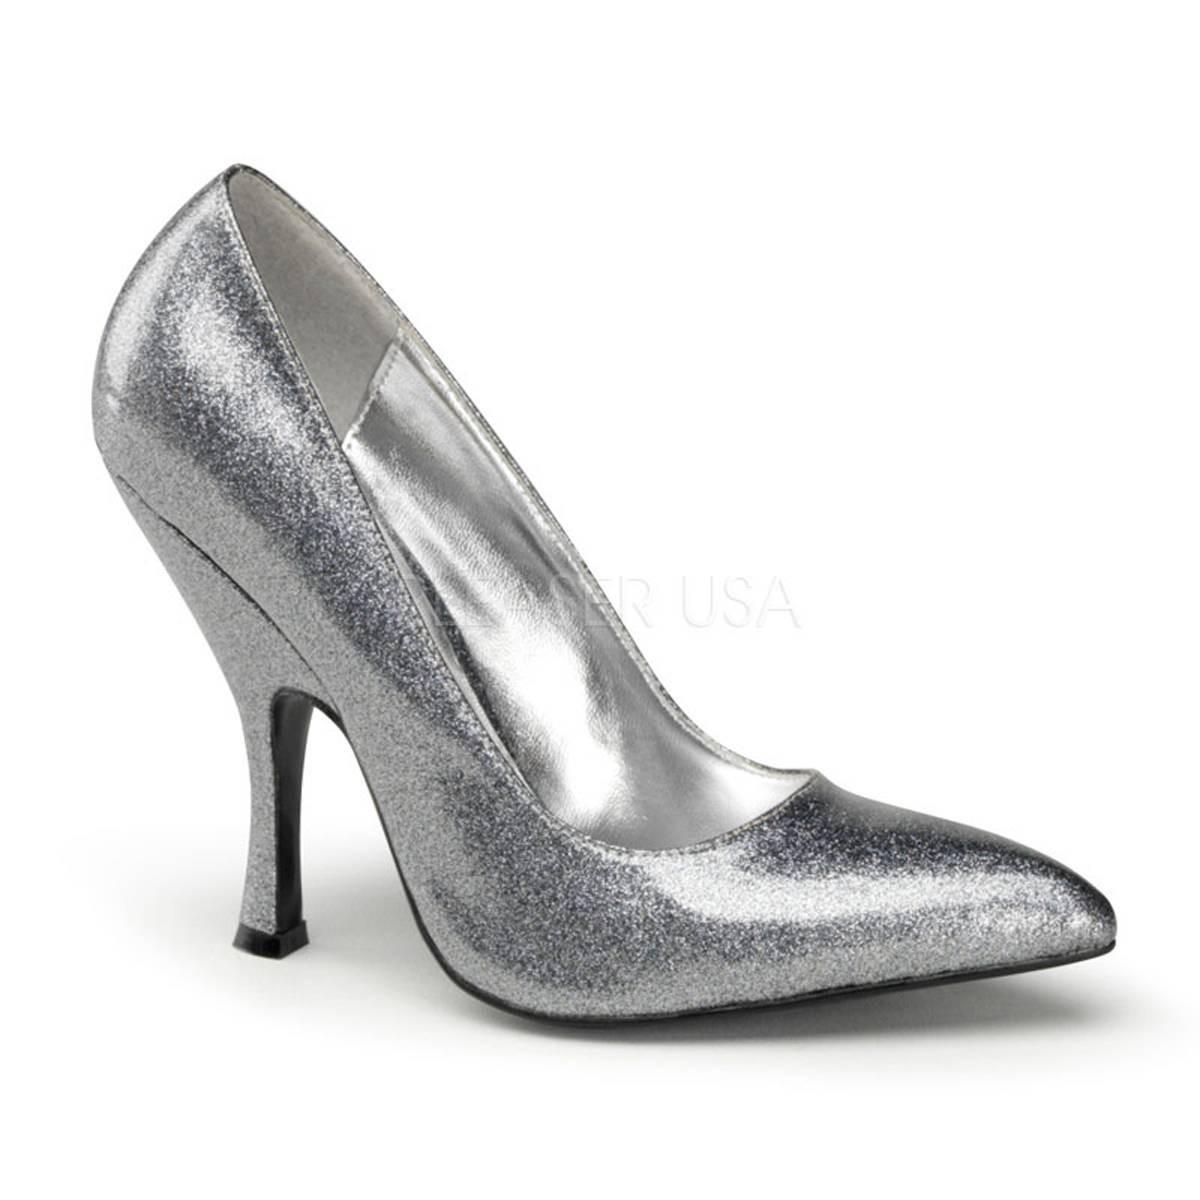 Pumps - BOMBSHELL 01G ° Damen Pumps ° Silber Glänzend ° Pin Up Couture  - Onlineshop RedSixty